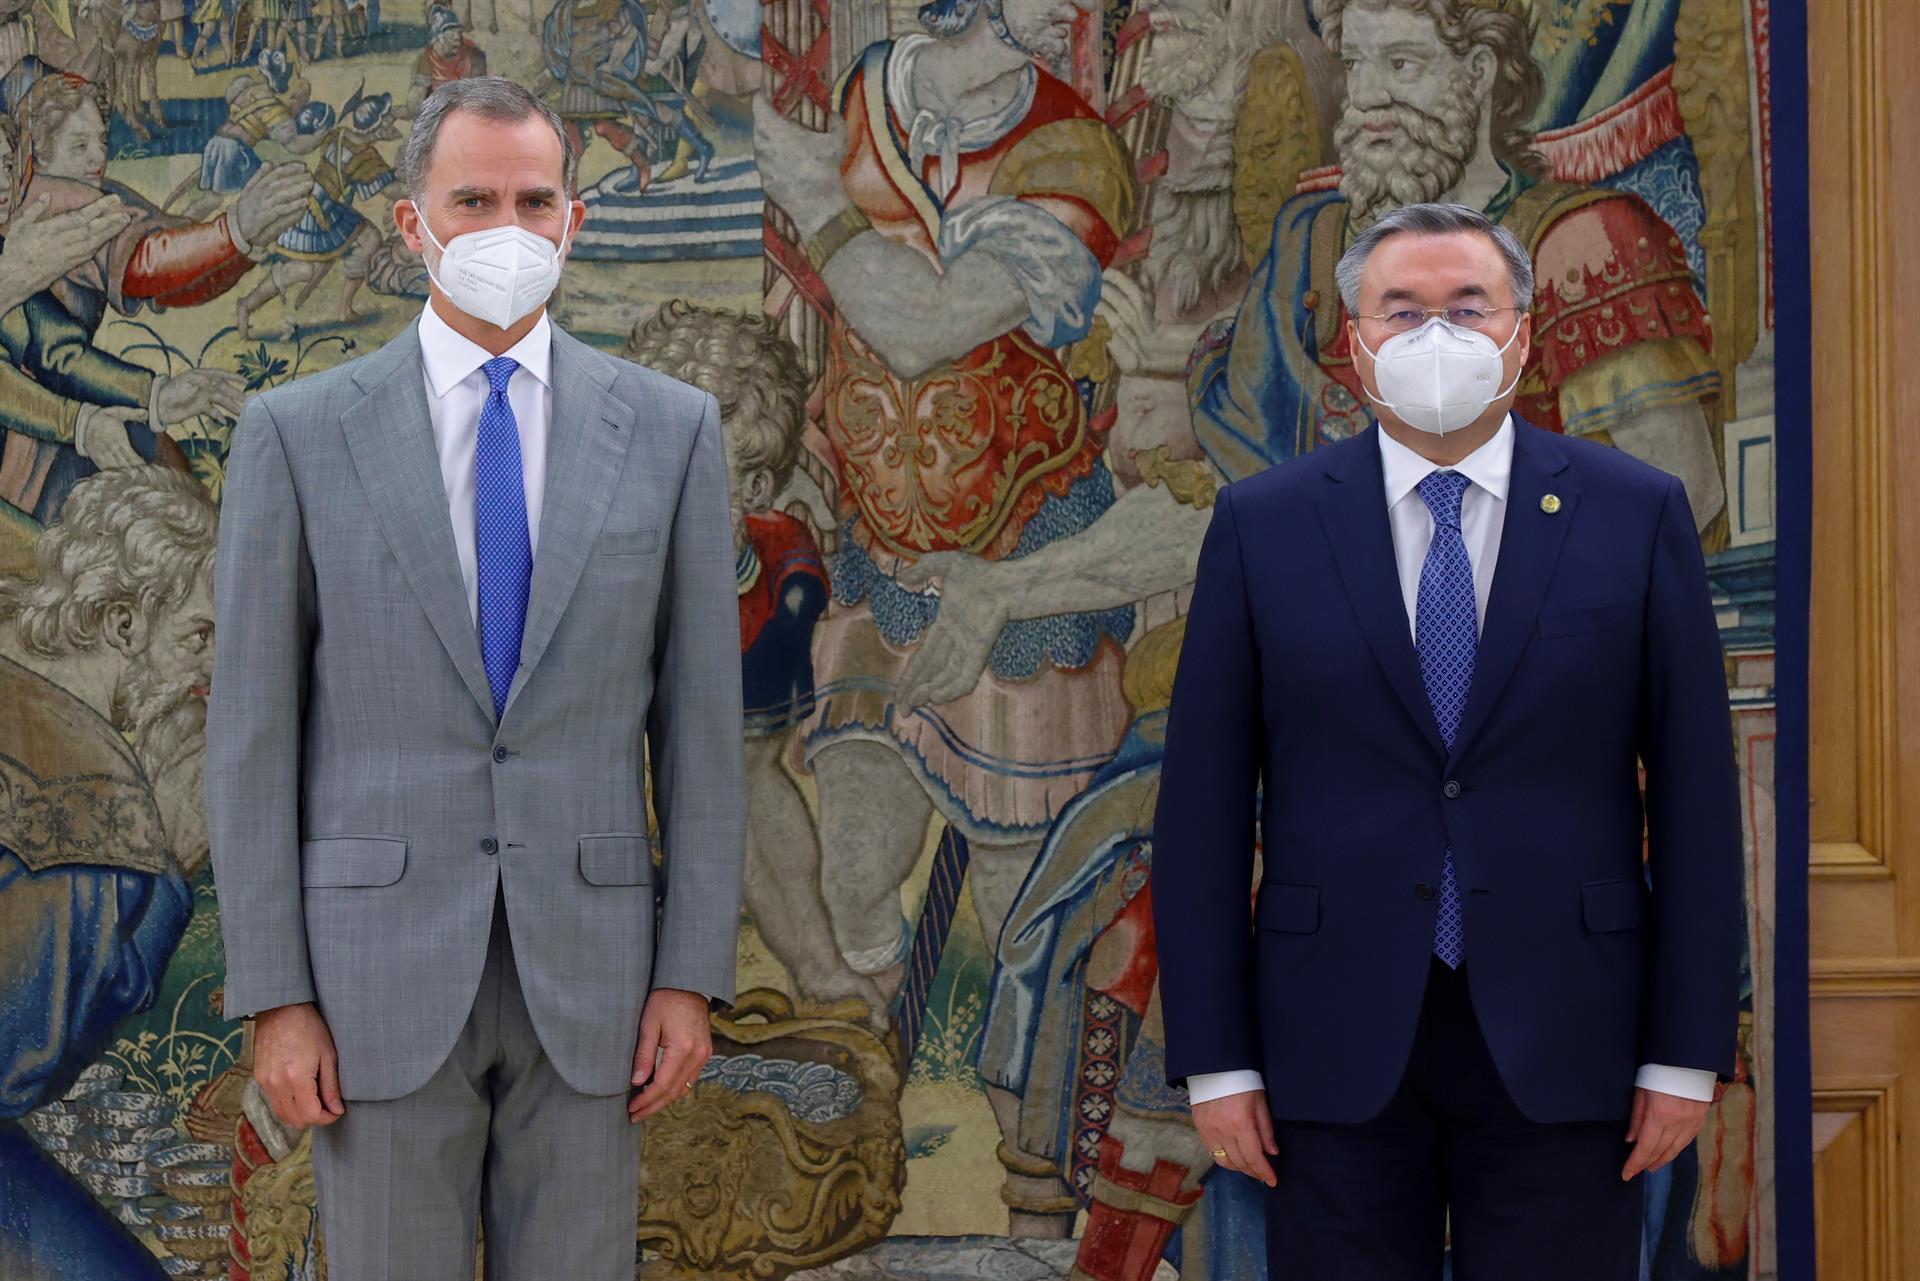 GRAF4982. MADRID (ESPAÑA), 06/07/2021.- El rey Felipe VI (i) recibe en audiencia al viceprimer ministro y titular de Asuntos Exteriores de Kazajistán, Mukhtar Tileuberdi (d), con motivo de su vista a España, este martes en el Palacio de la Zarzuela en Madrid. EFE/ Francisco Gómez/Casa de S.M El Rey SOLO USO EDITORIAL/ SOLO USO PERMITIDO PARA ILUSTRAR LA NOTICIA QUE ACOMPAÑA/ (CRÉDITO OBLIGATORIO)